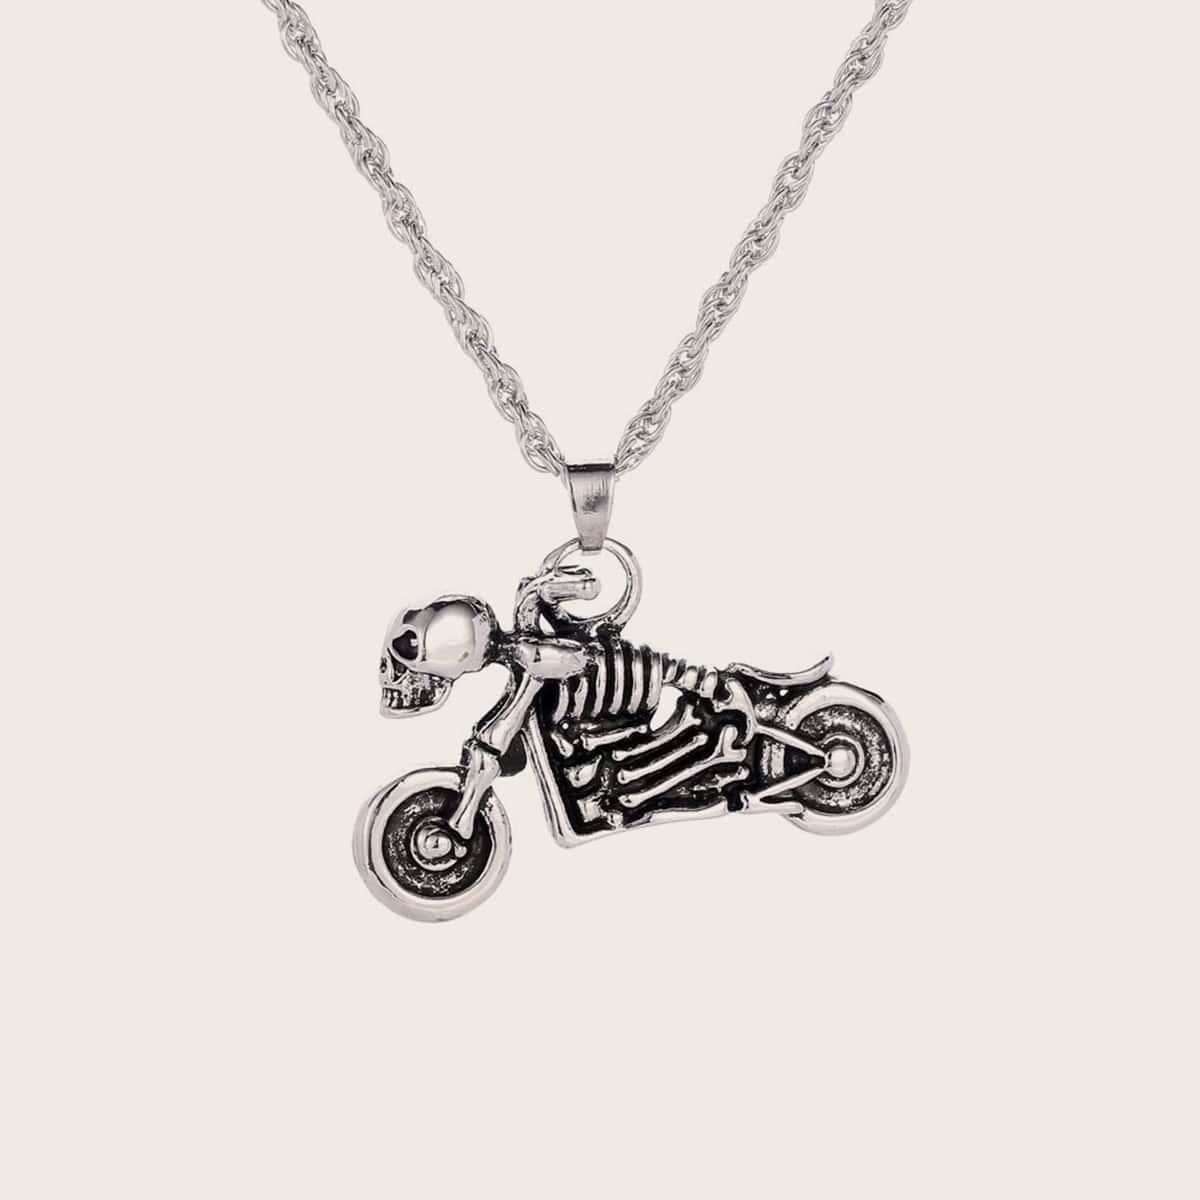 Мужское ожерелье с подвеской скелета и мотоцикла 1шт от SHEIN